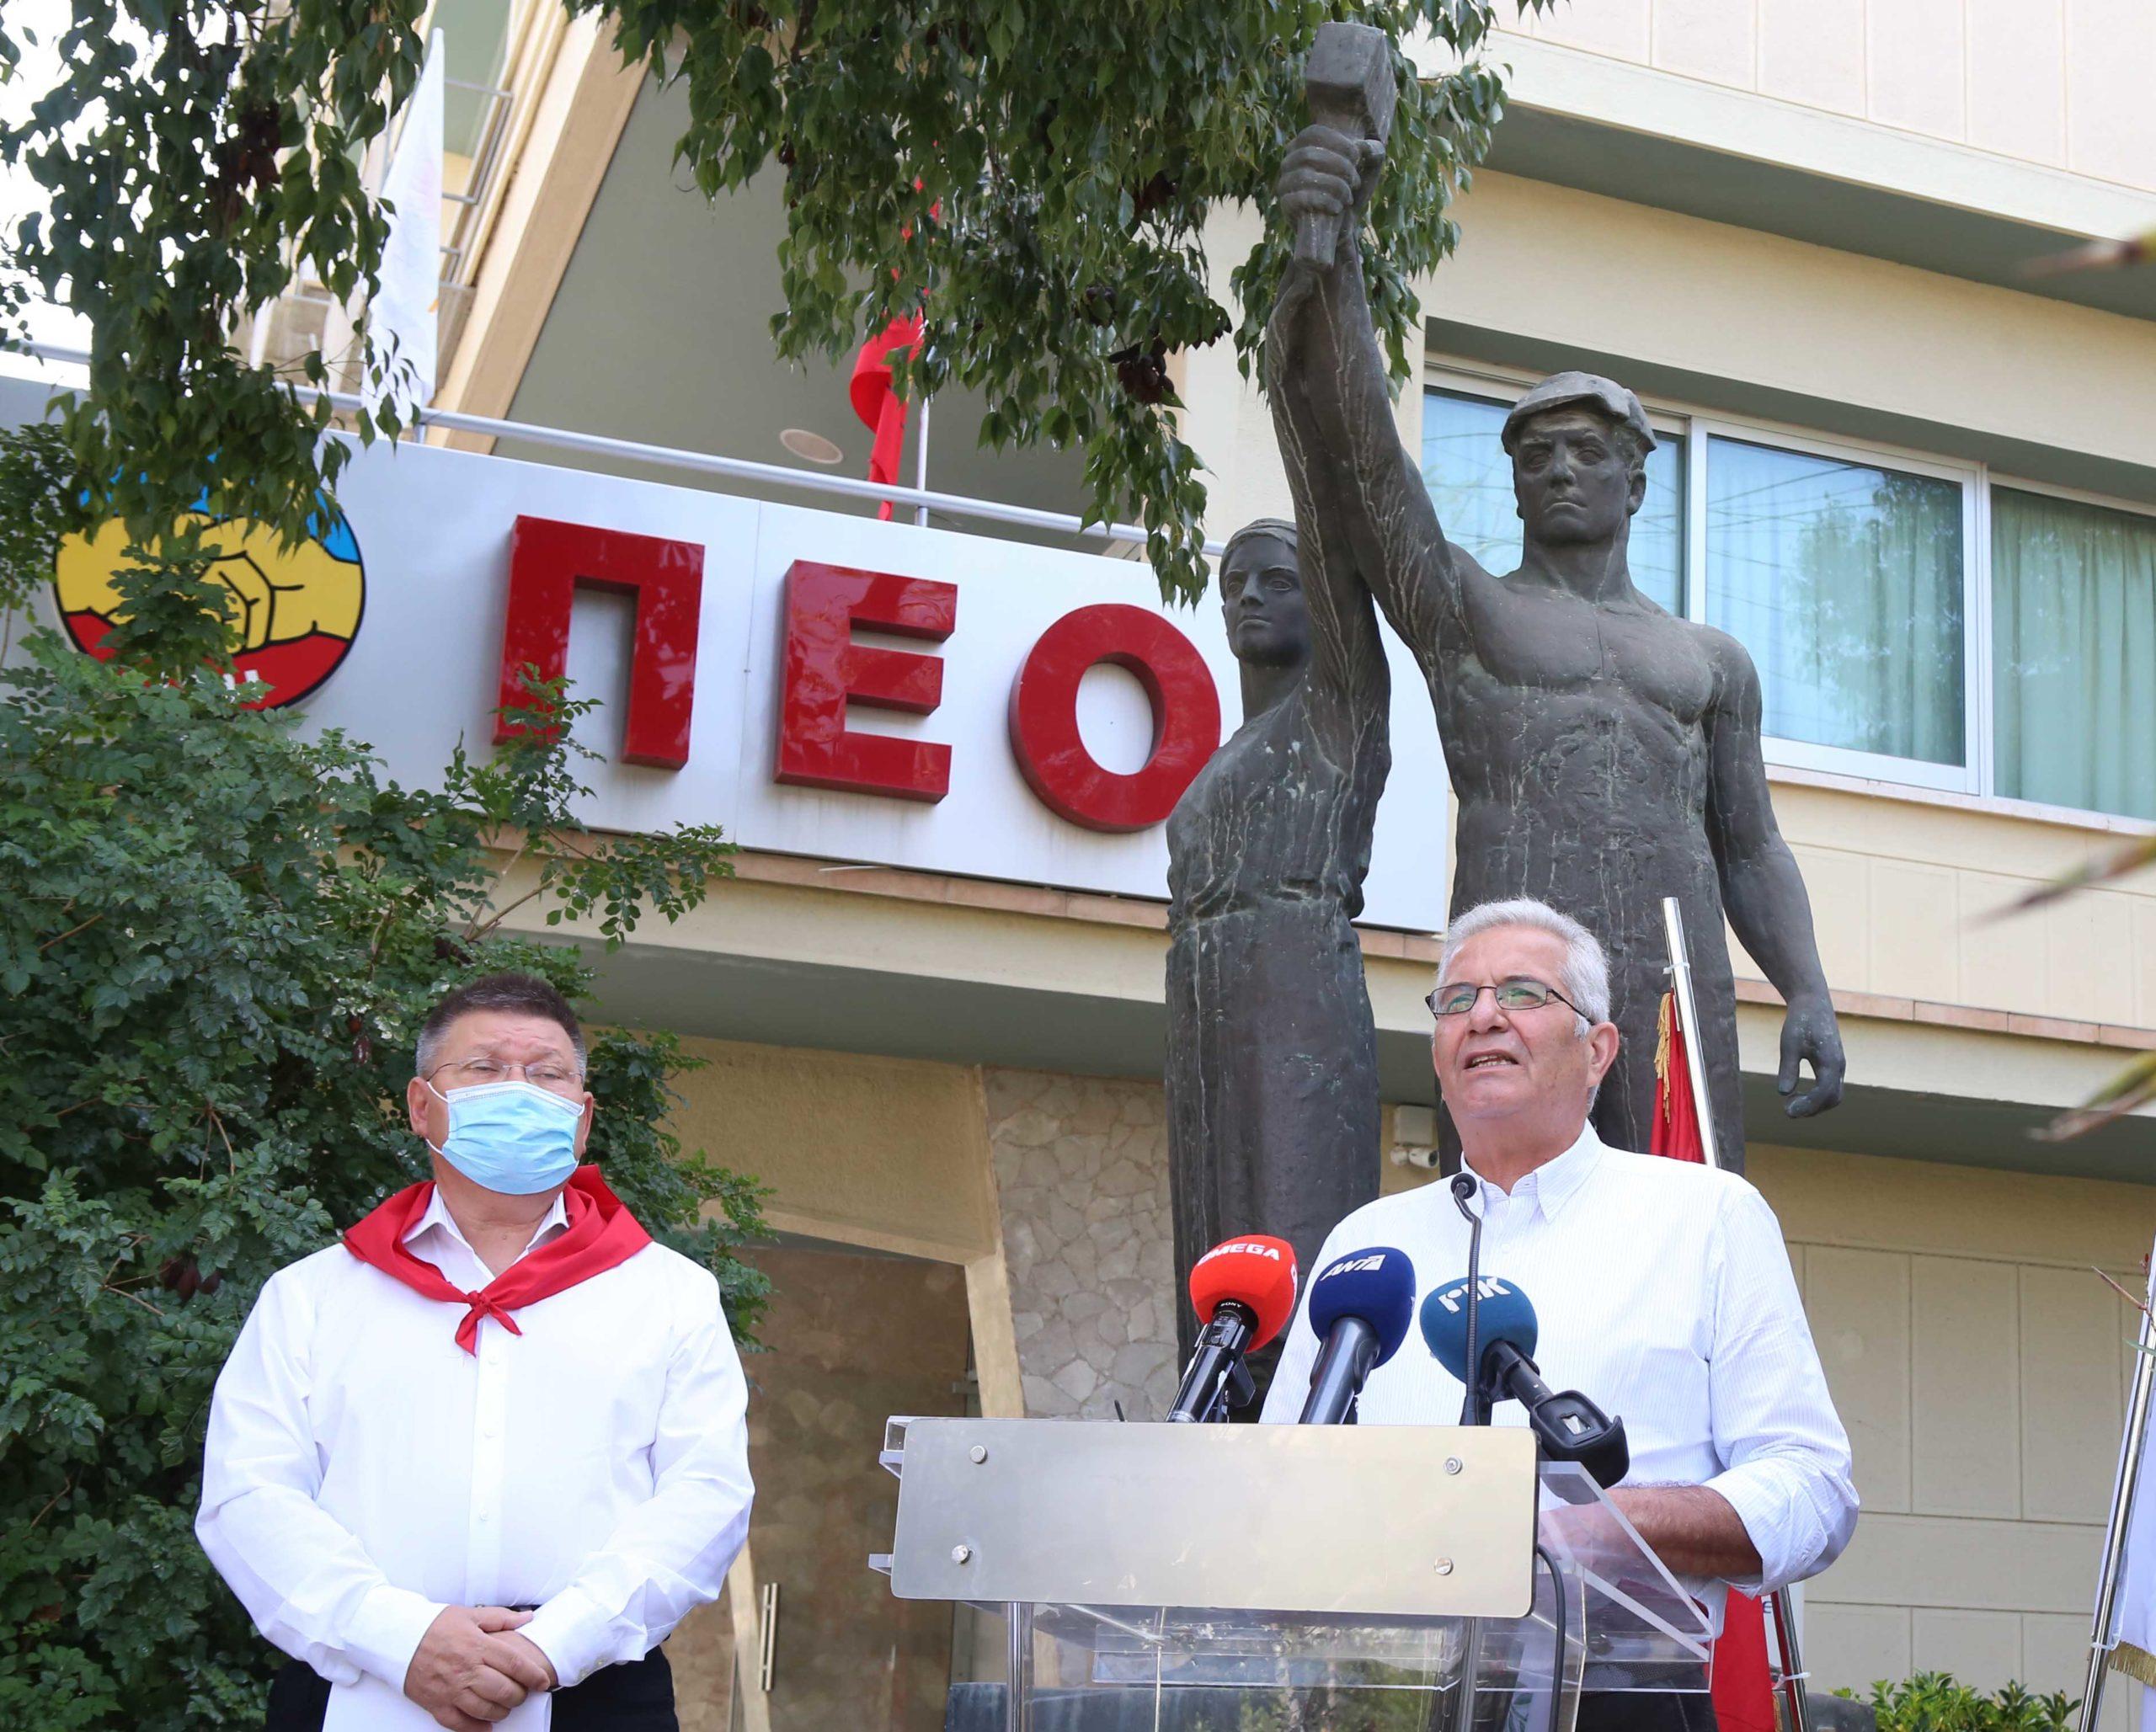 ΠΕΟ Συμβολική εκδήλωση για την Εργατική Πρωτομαγιά PROTOMAGIA PEO AKEL 16 scaled